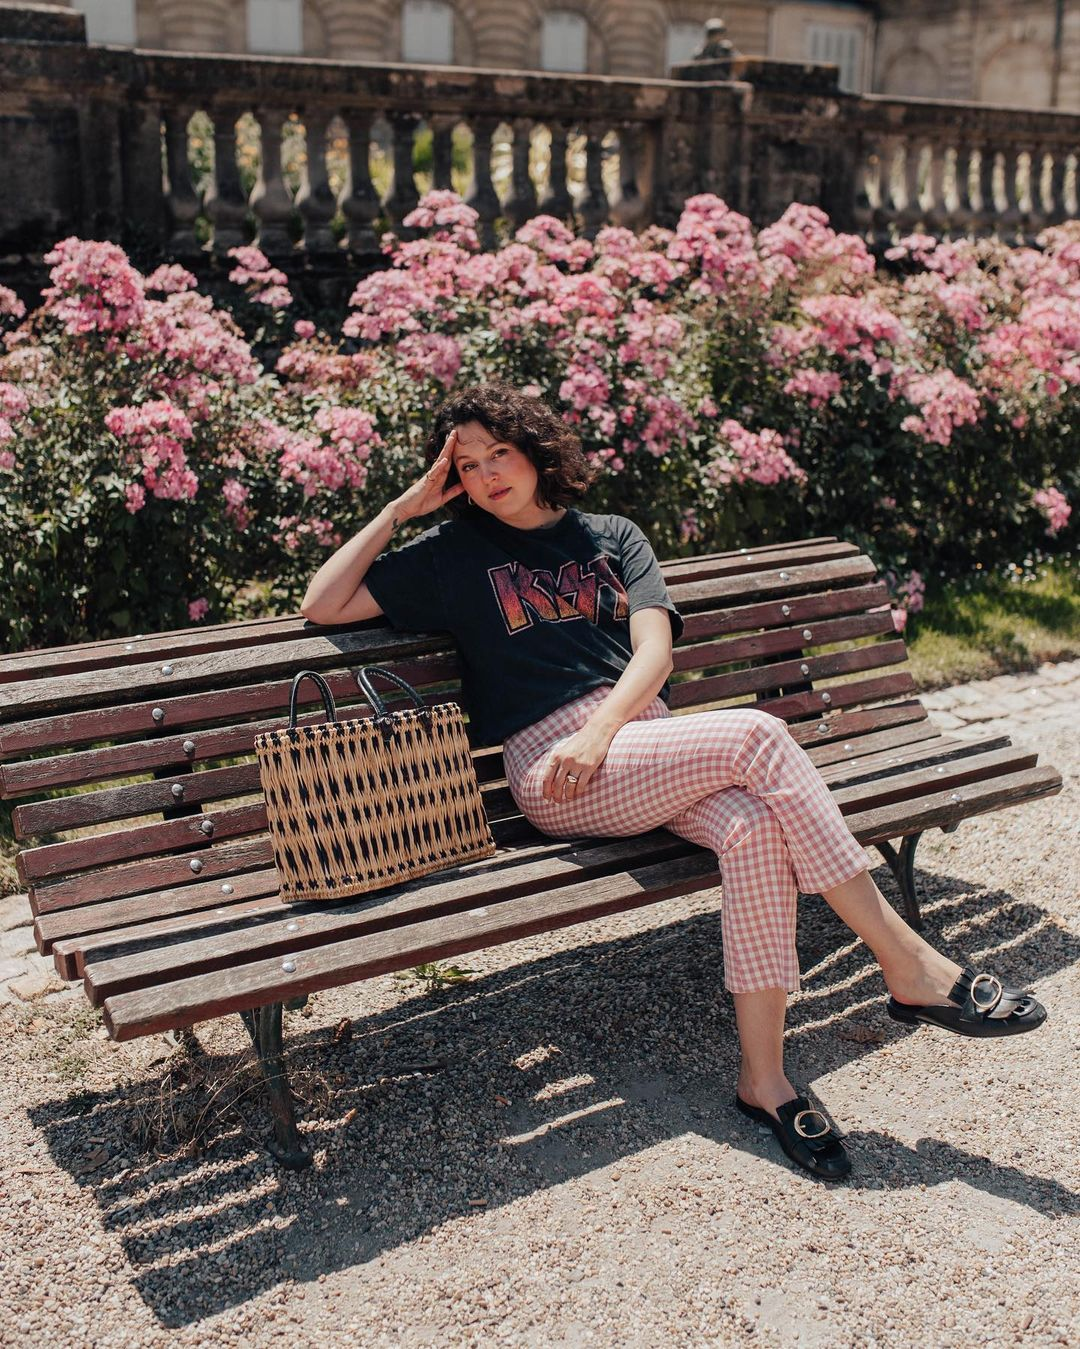 Garota usando look com calça xadrez vichy vermelha, camiseta preta da banda Kiss e oxford preto. Ela está sentada em um banco marrom, com uma das mãos apoiadas na coxa, e a outra na cabeça. Ao lado dela, tem uma maxibolsa de palha com detalhes em preto. Sua expressão facial é séria.